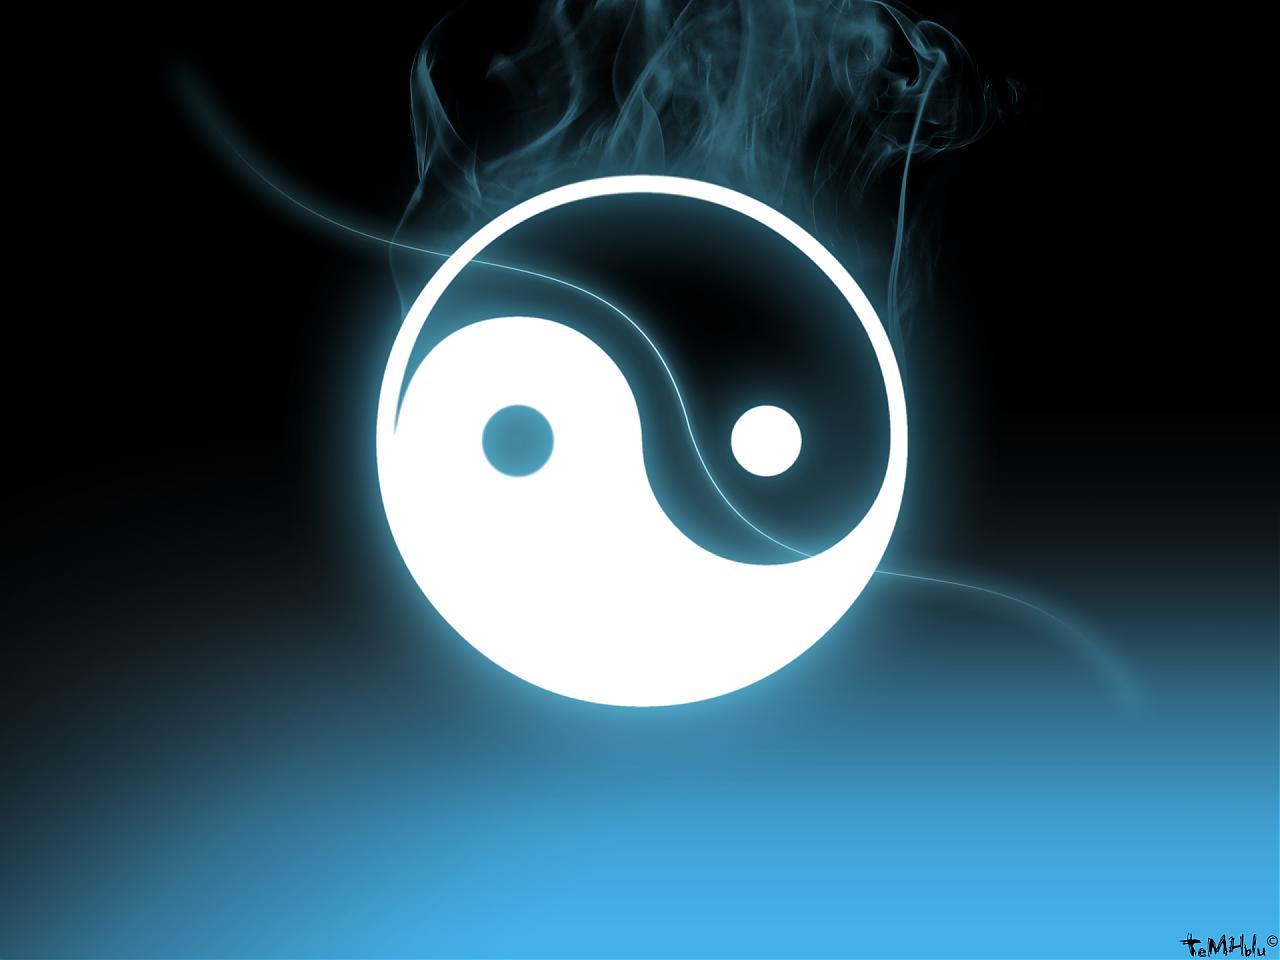 Духовное развитие, эзотерика. Эзотерический портал